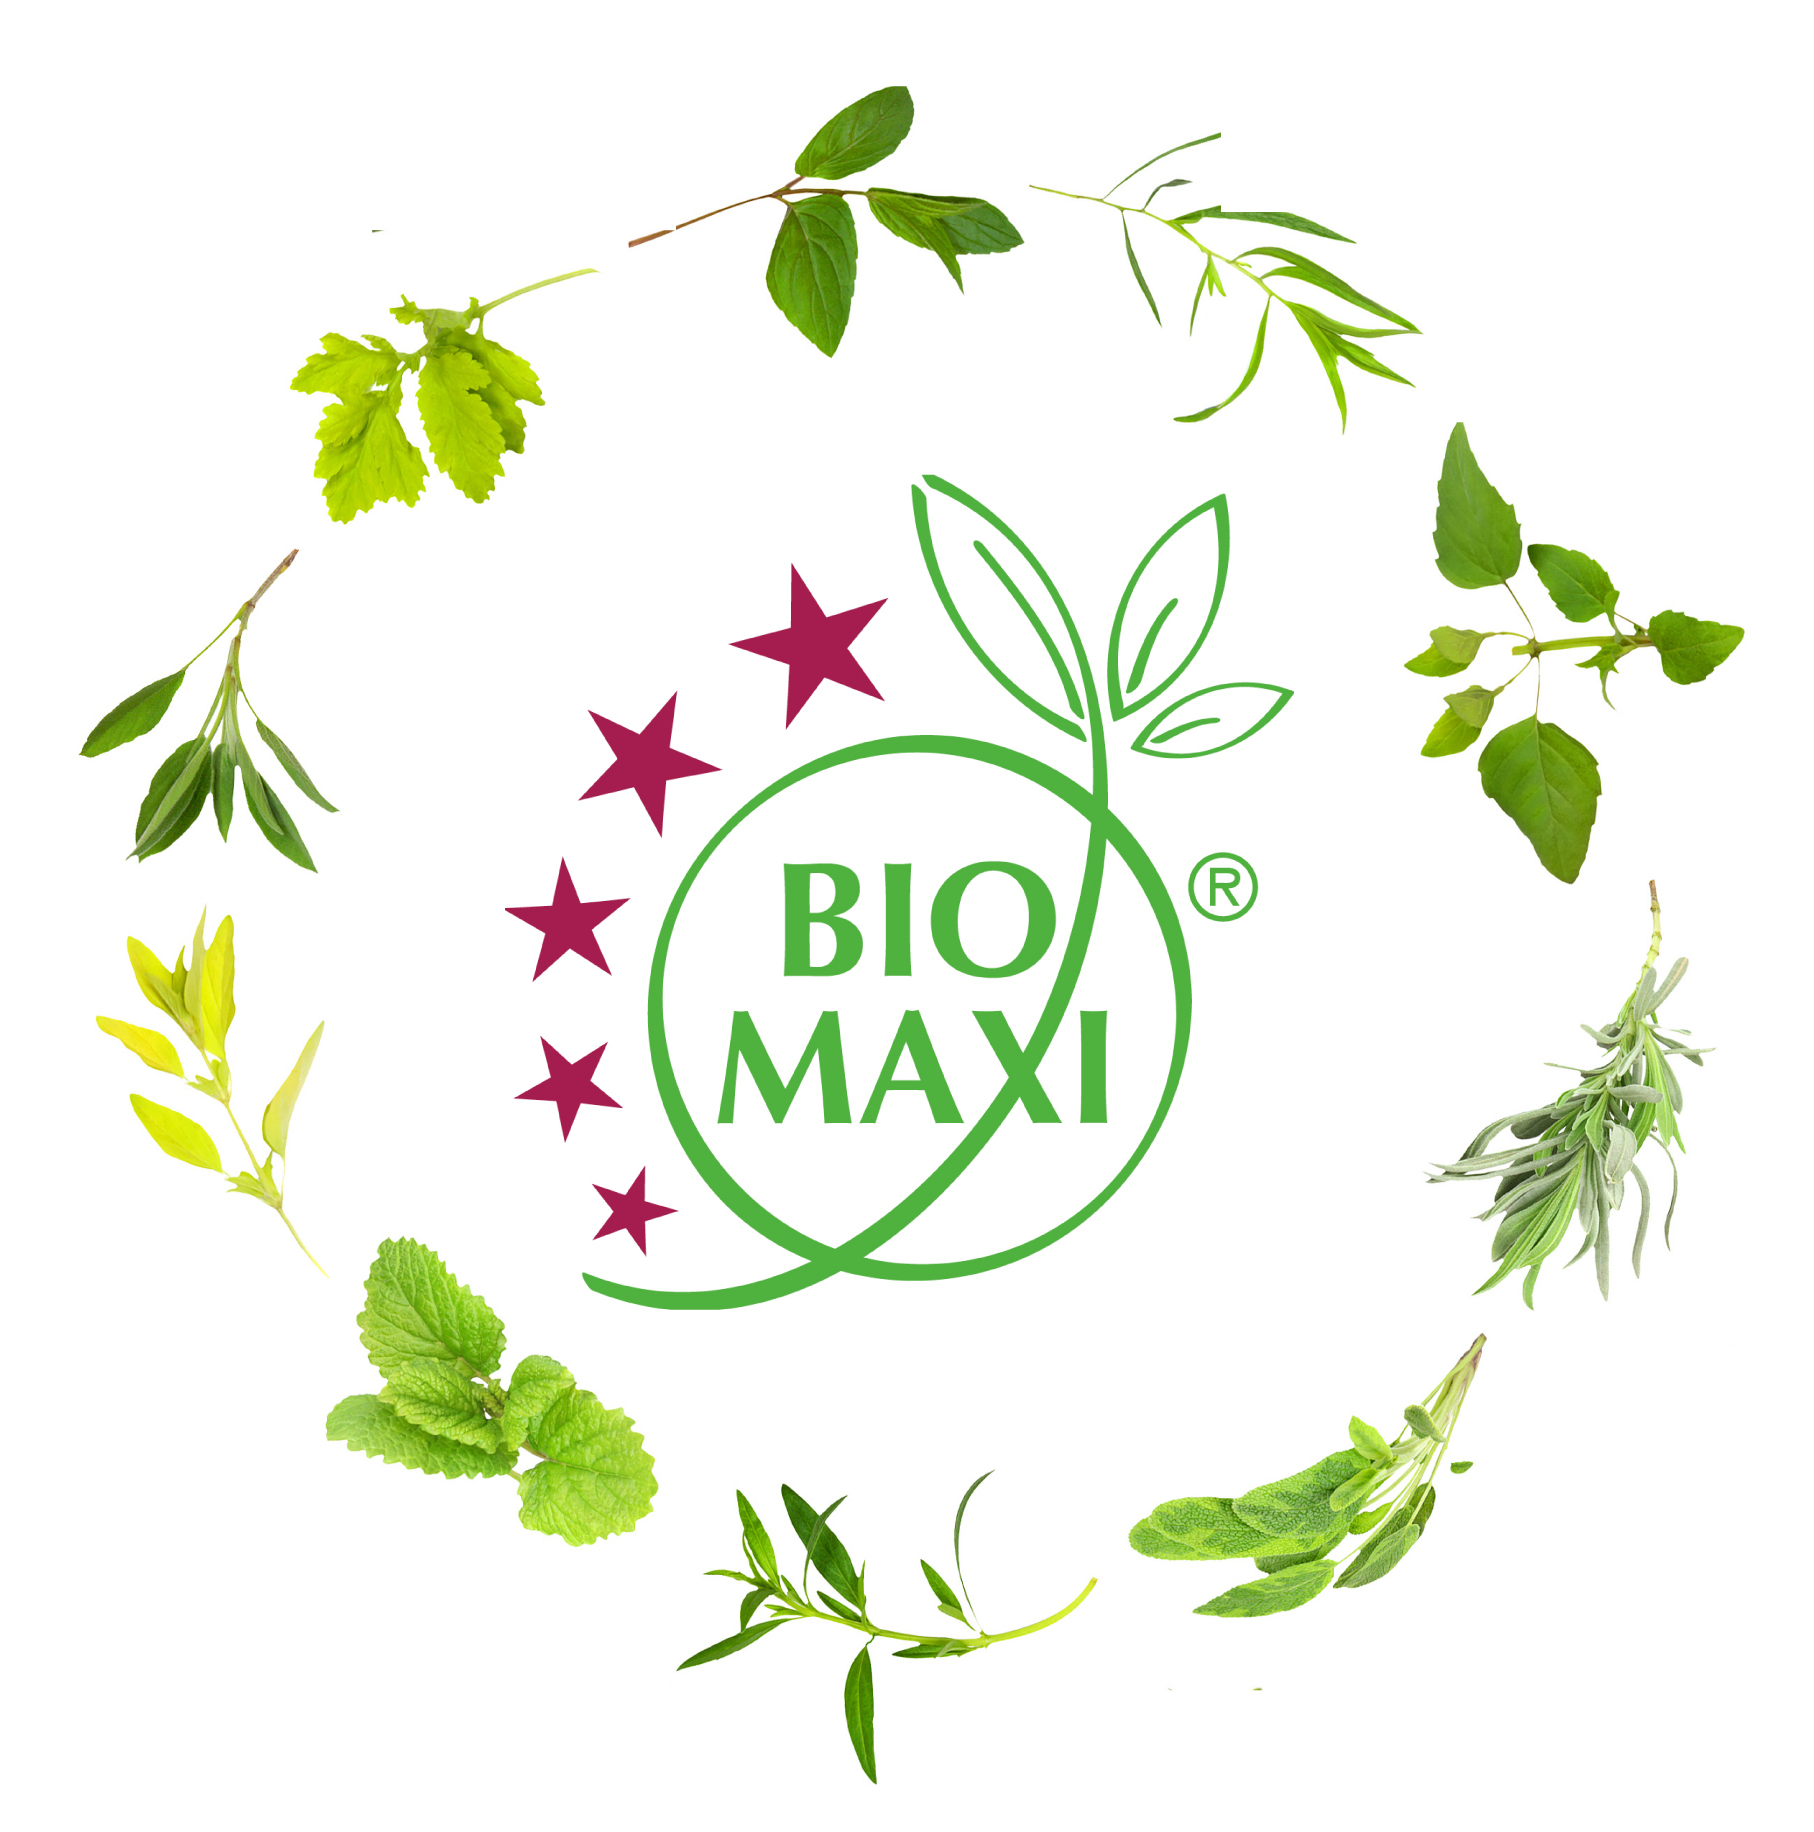 Biomaxi